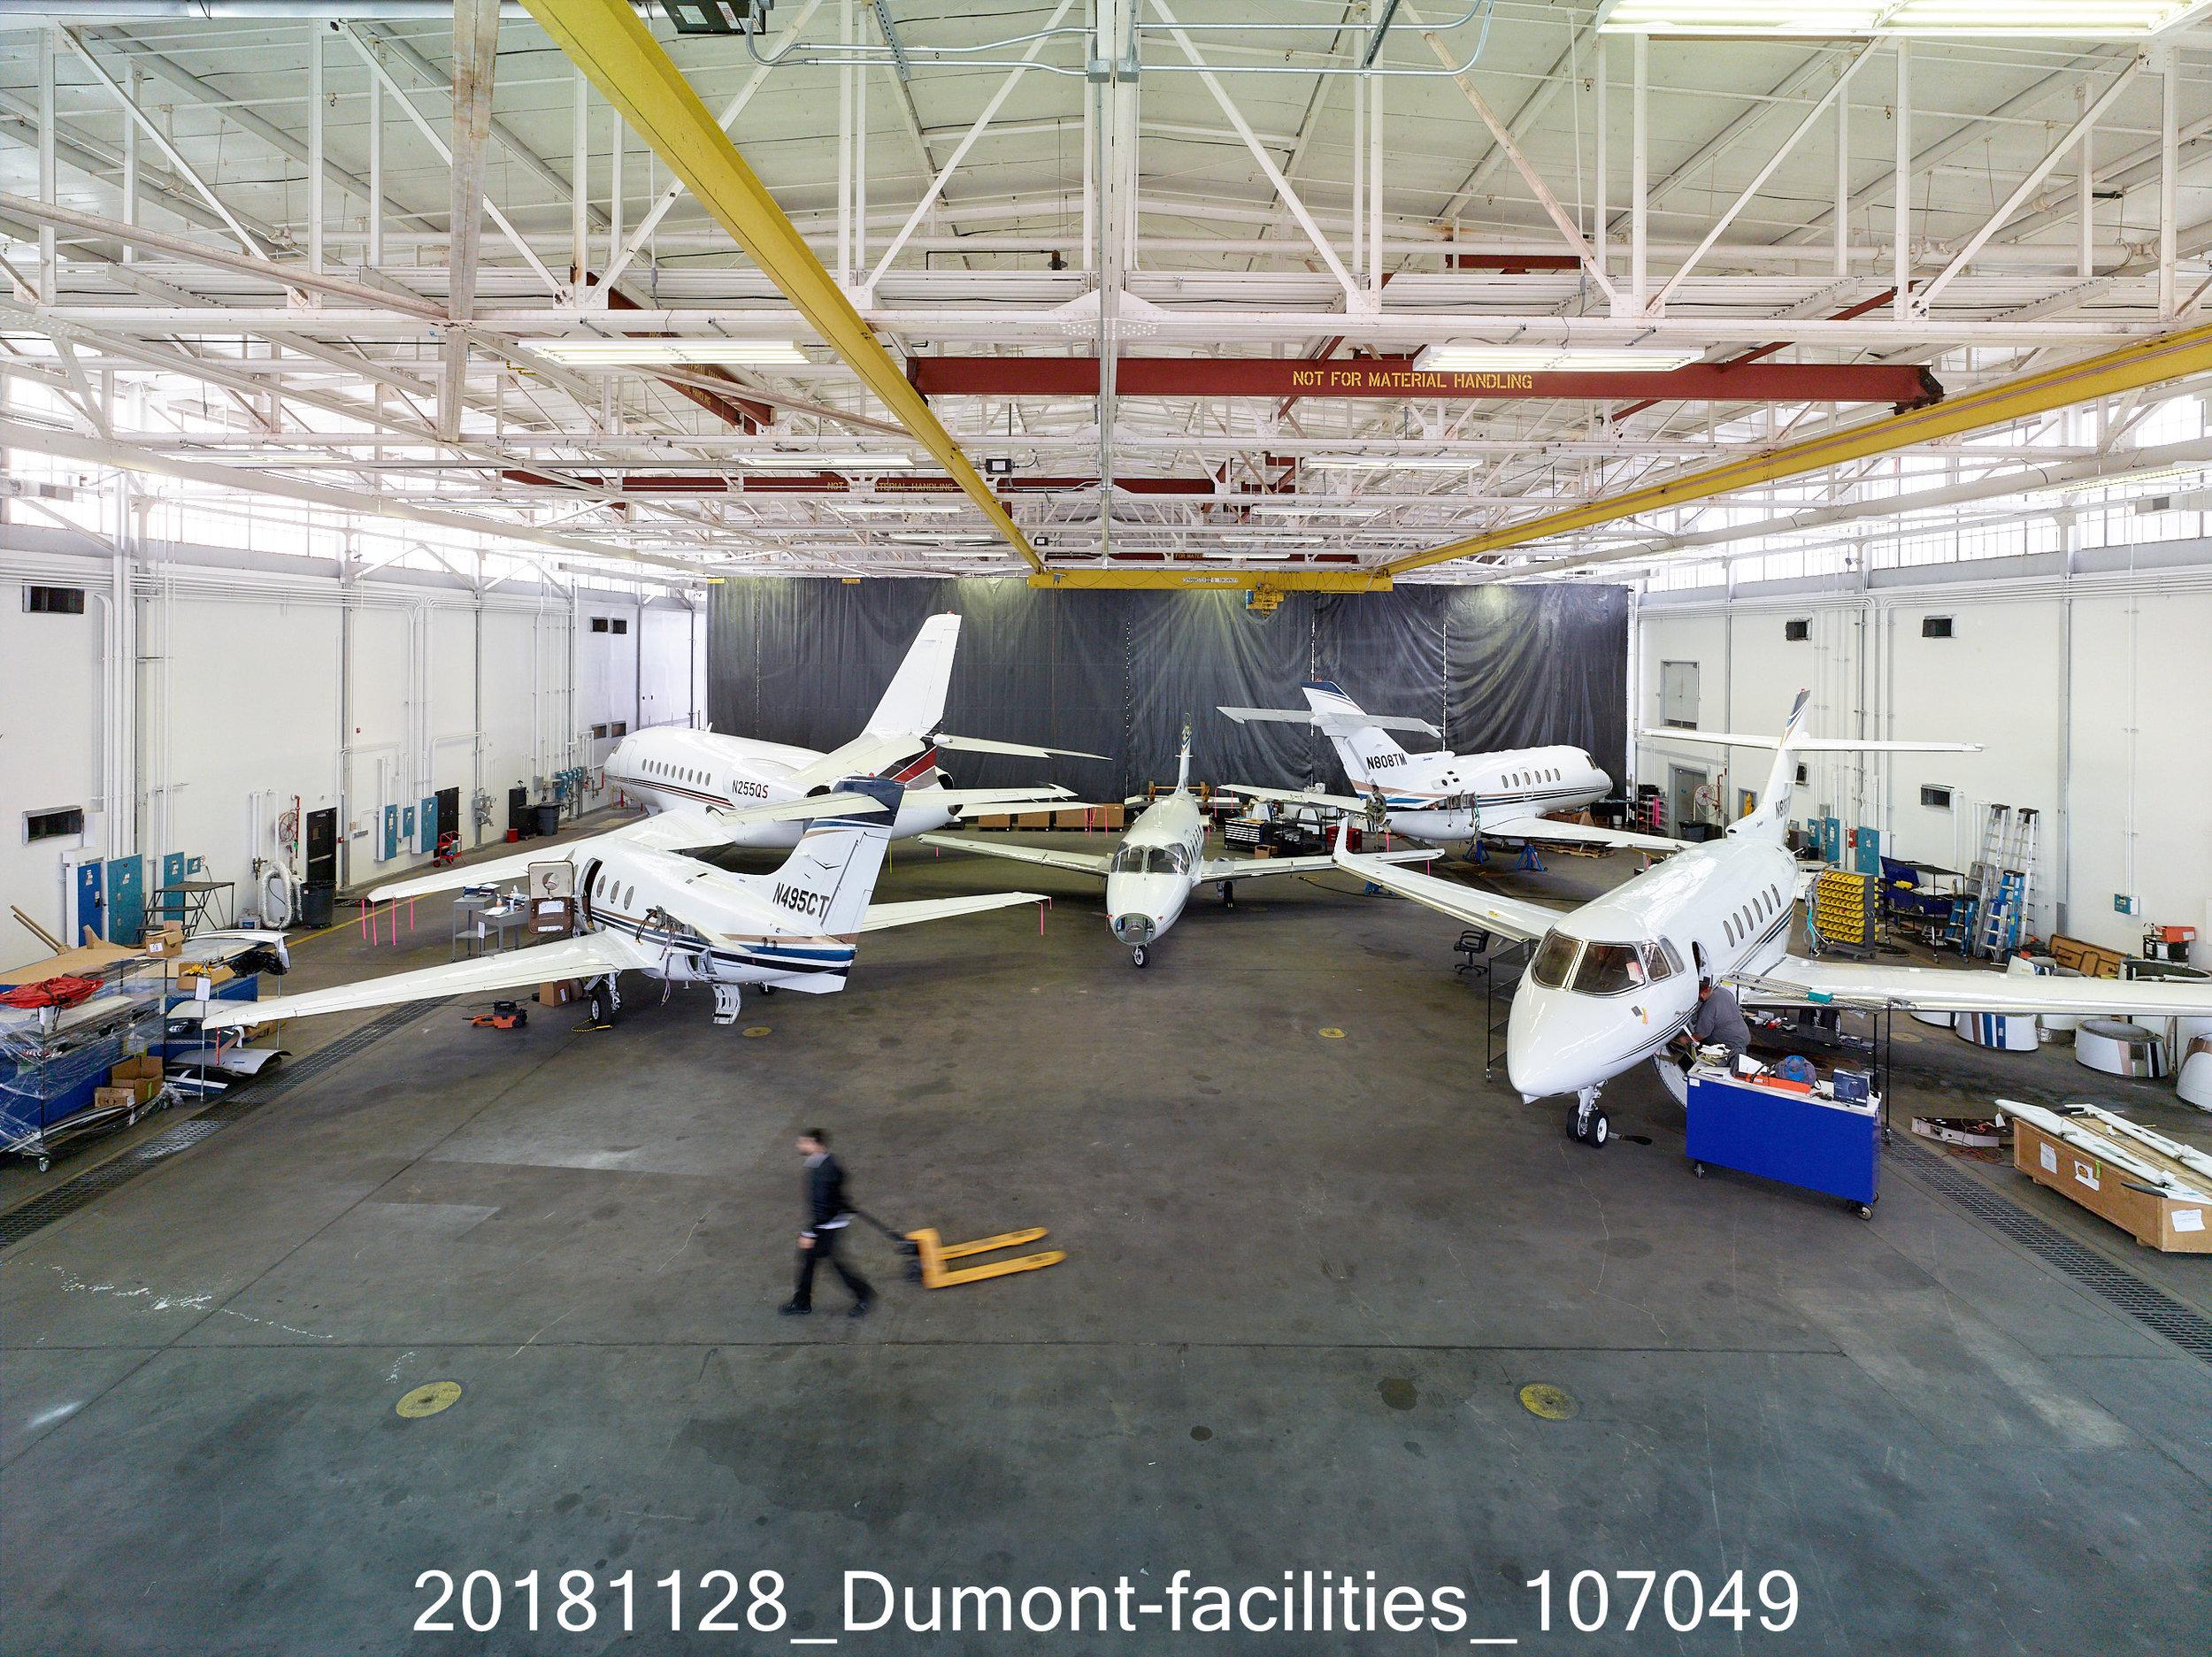 20181128_Dumont-facilities_107049.jpg